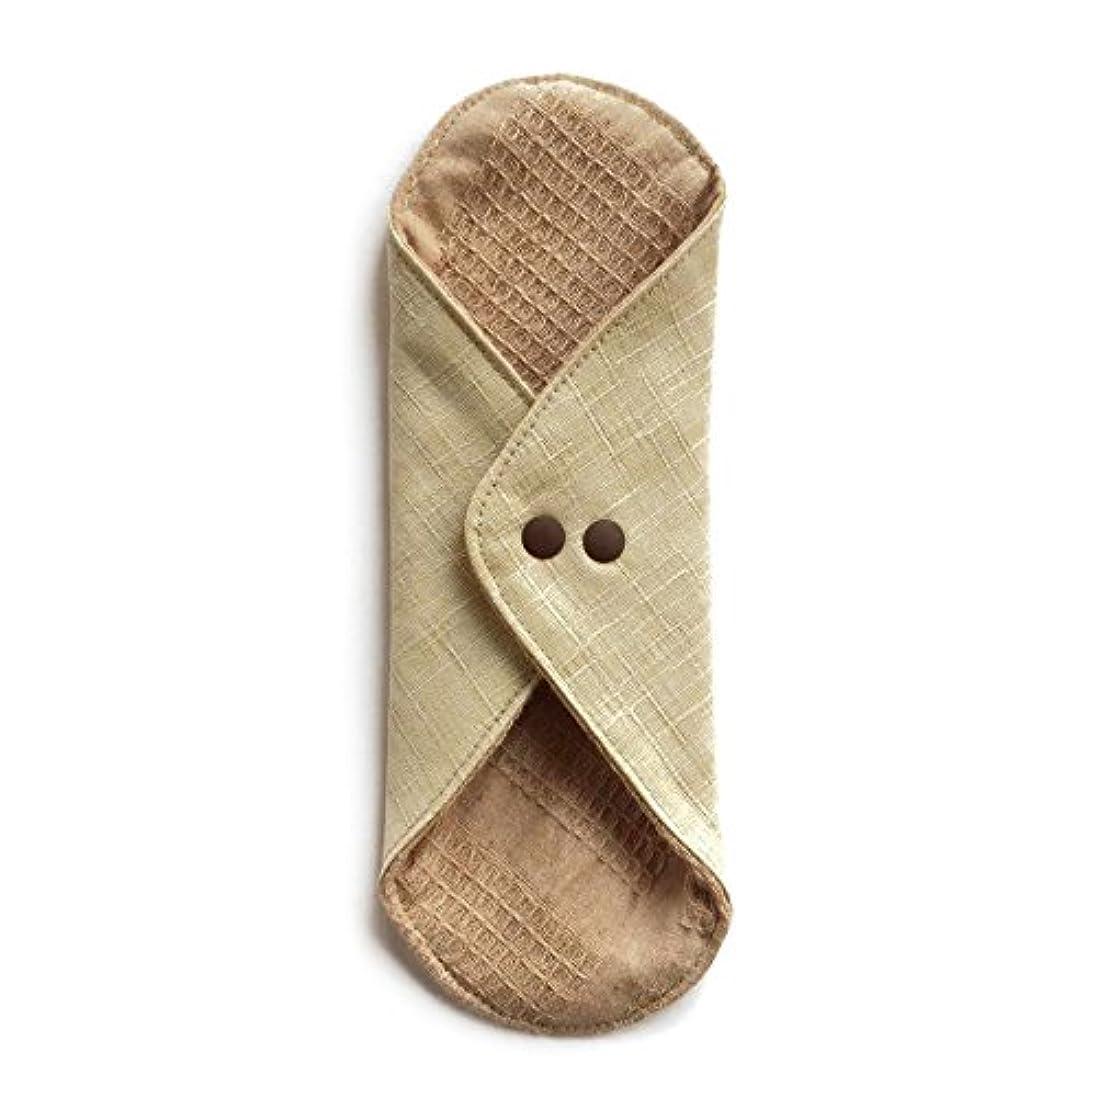 マルクス主義者ダイアクリティカル有益な華布のオーガニックコットンのあたため布 Lサイズ (約18×約20.5×約0.5cm) 彩り(百合)